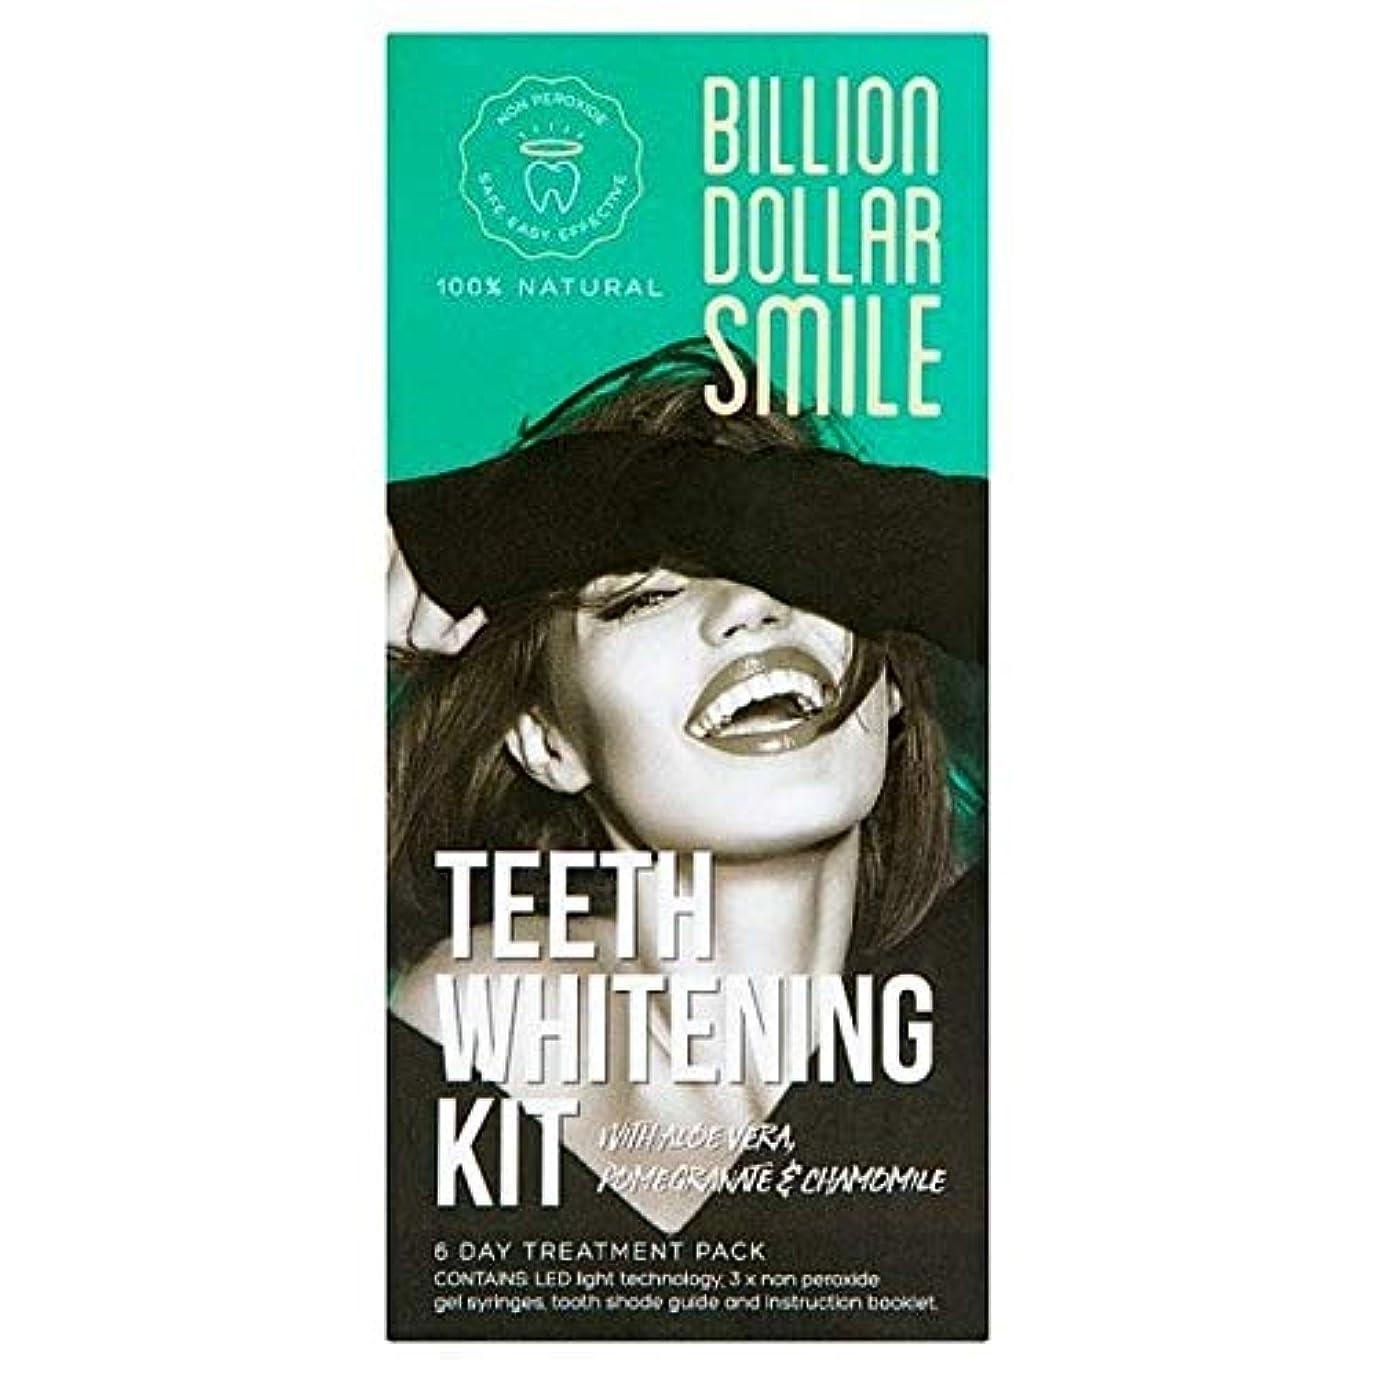 プログラム見通し標準[Billion Dollar Smile ] キットを白く億ドルの笑顔歯 - Billion Dollar Smile Teeth Whitening Kit [並行輸入品]